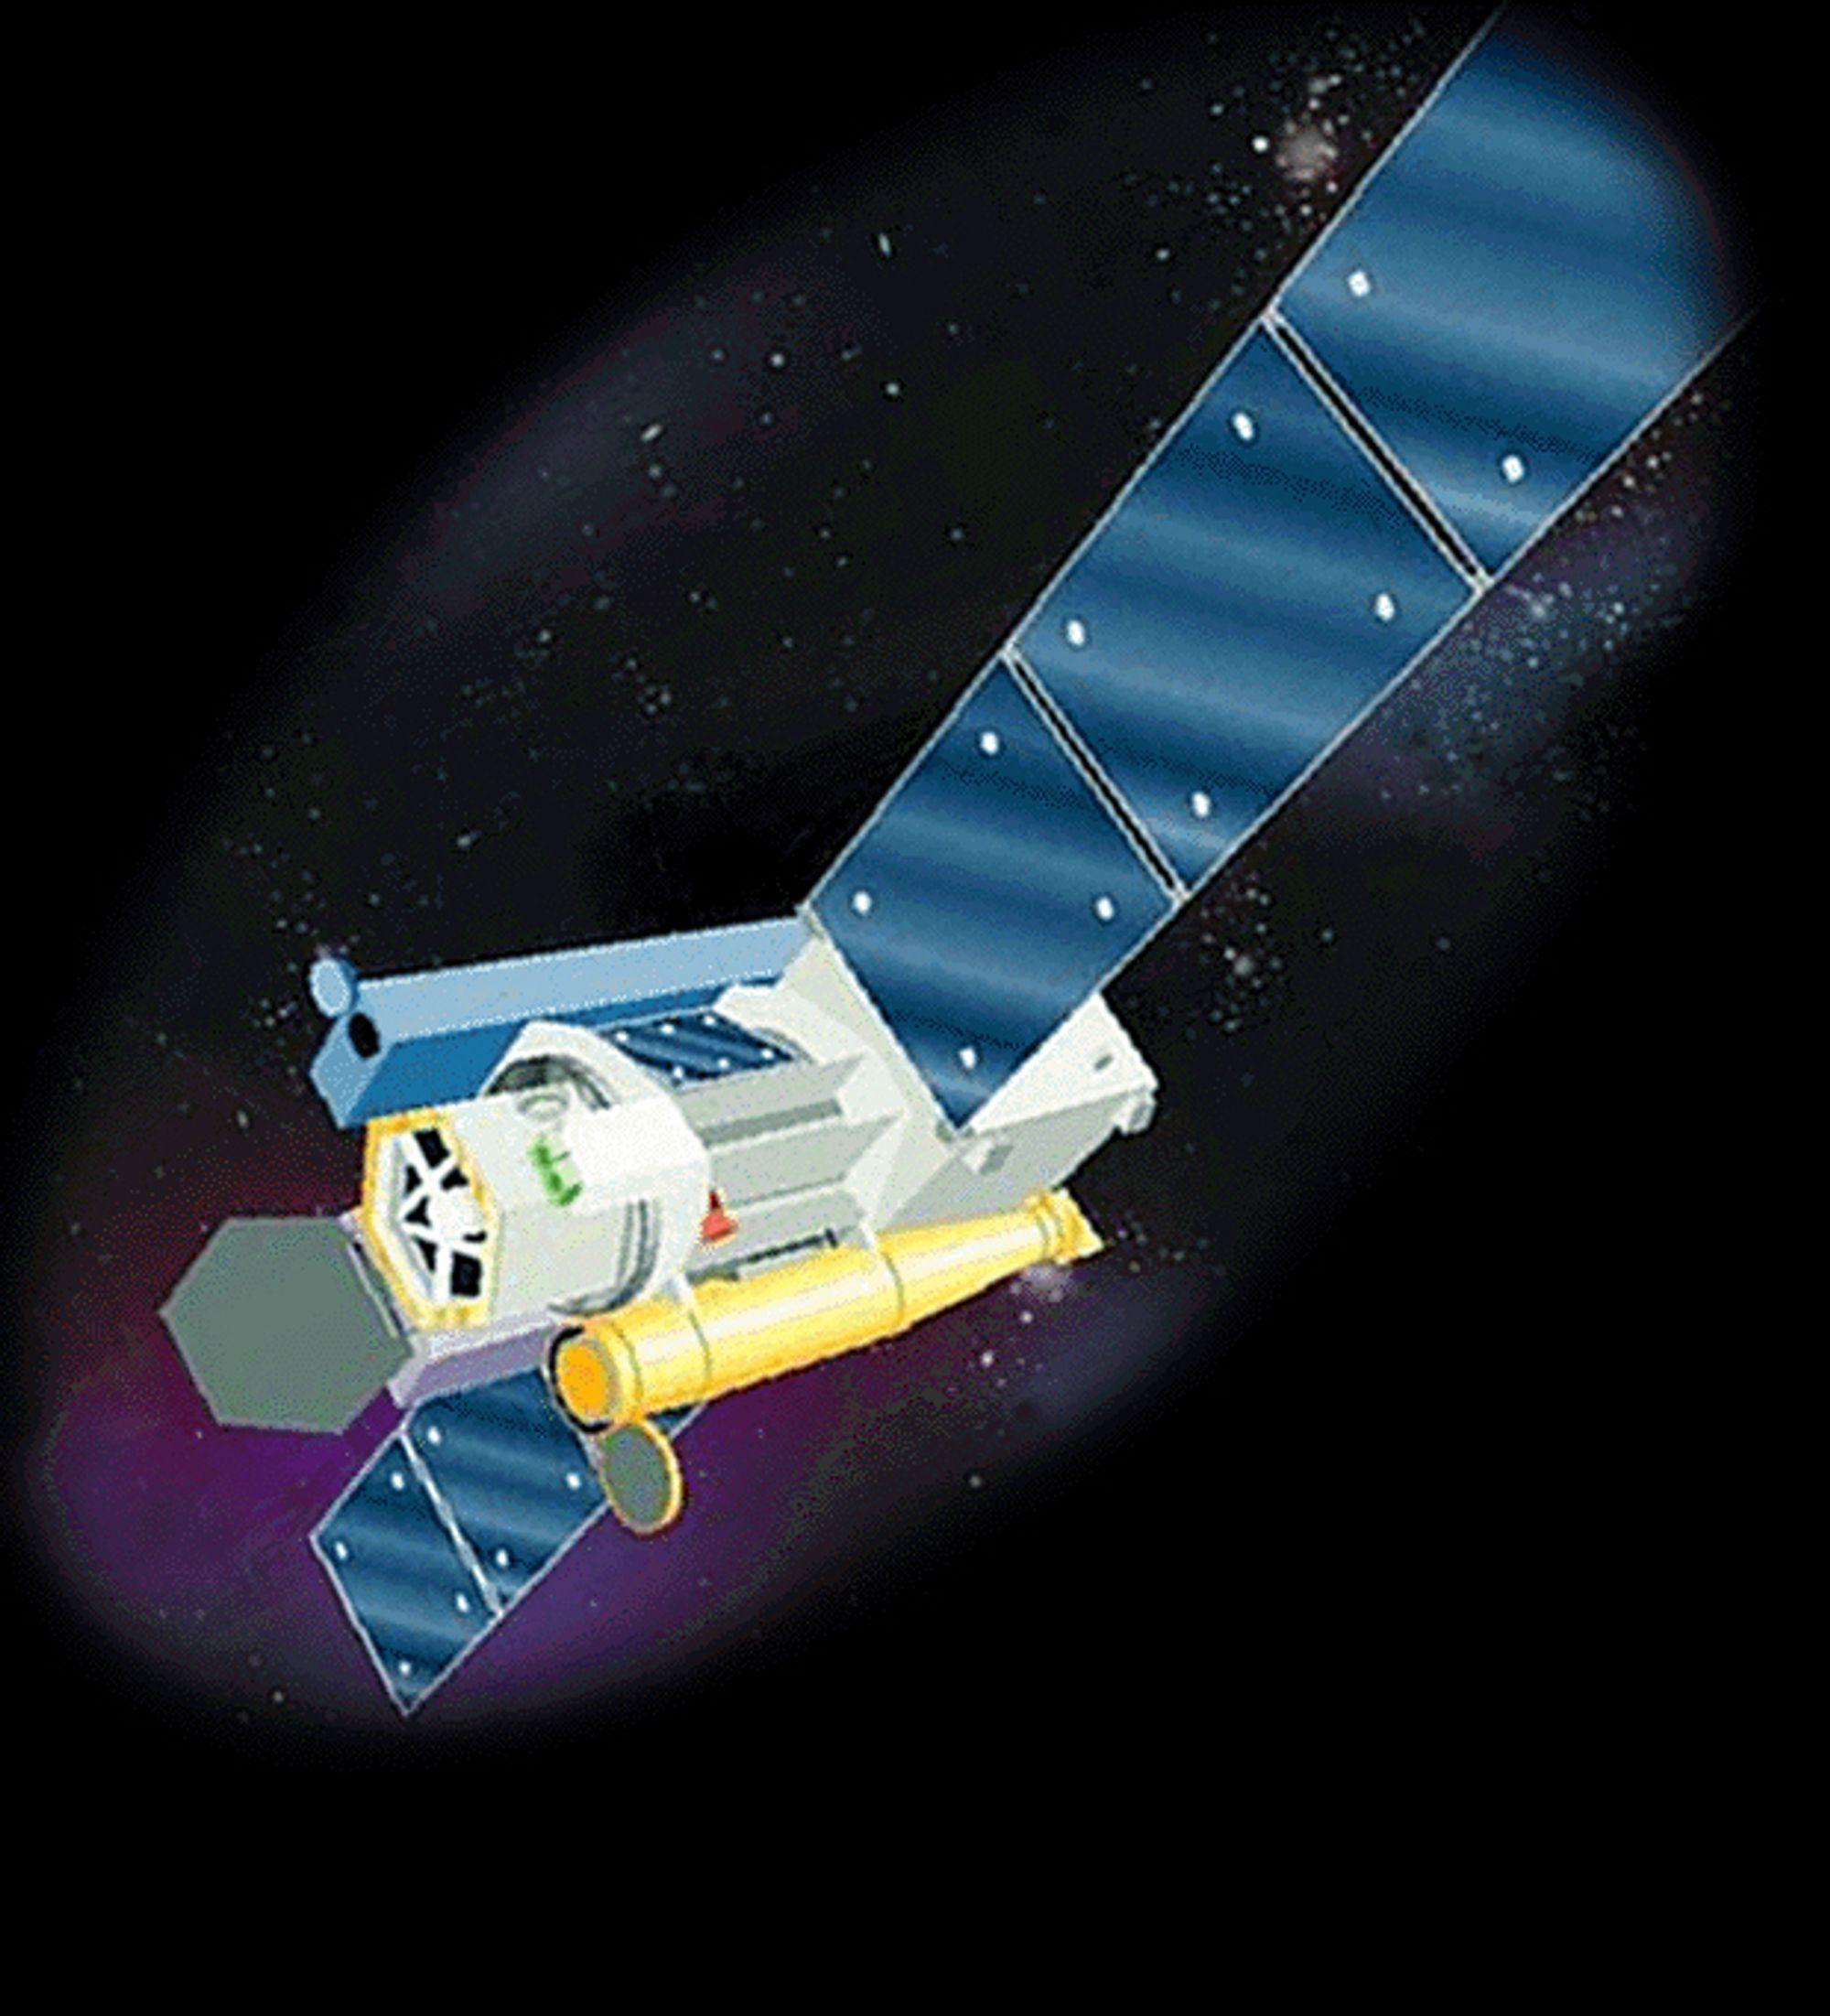 Den japanske solsatellitten Solar B sendes ut i rommet i løpet av neste år.